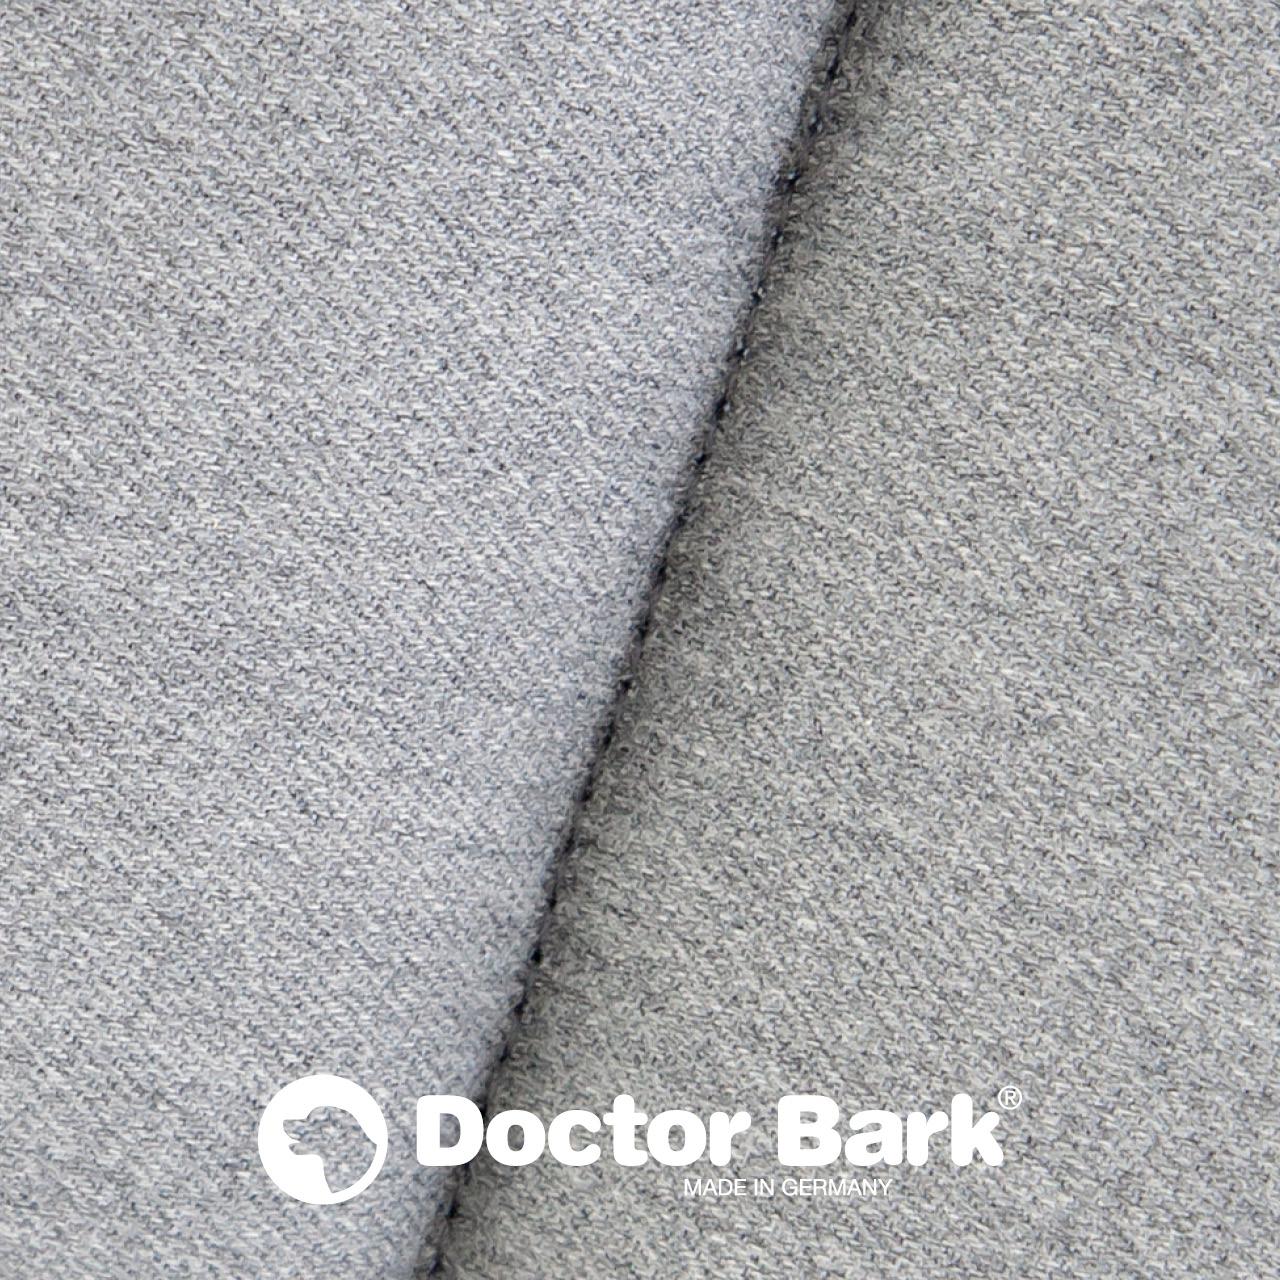 gepolsterte Einlegedecke für Doctor Bark Hundebett Gr. M - hellgrau